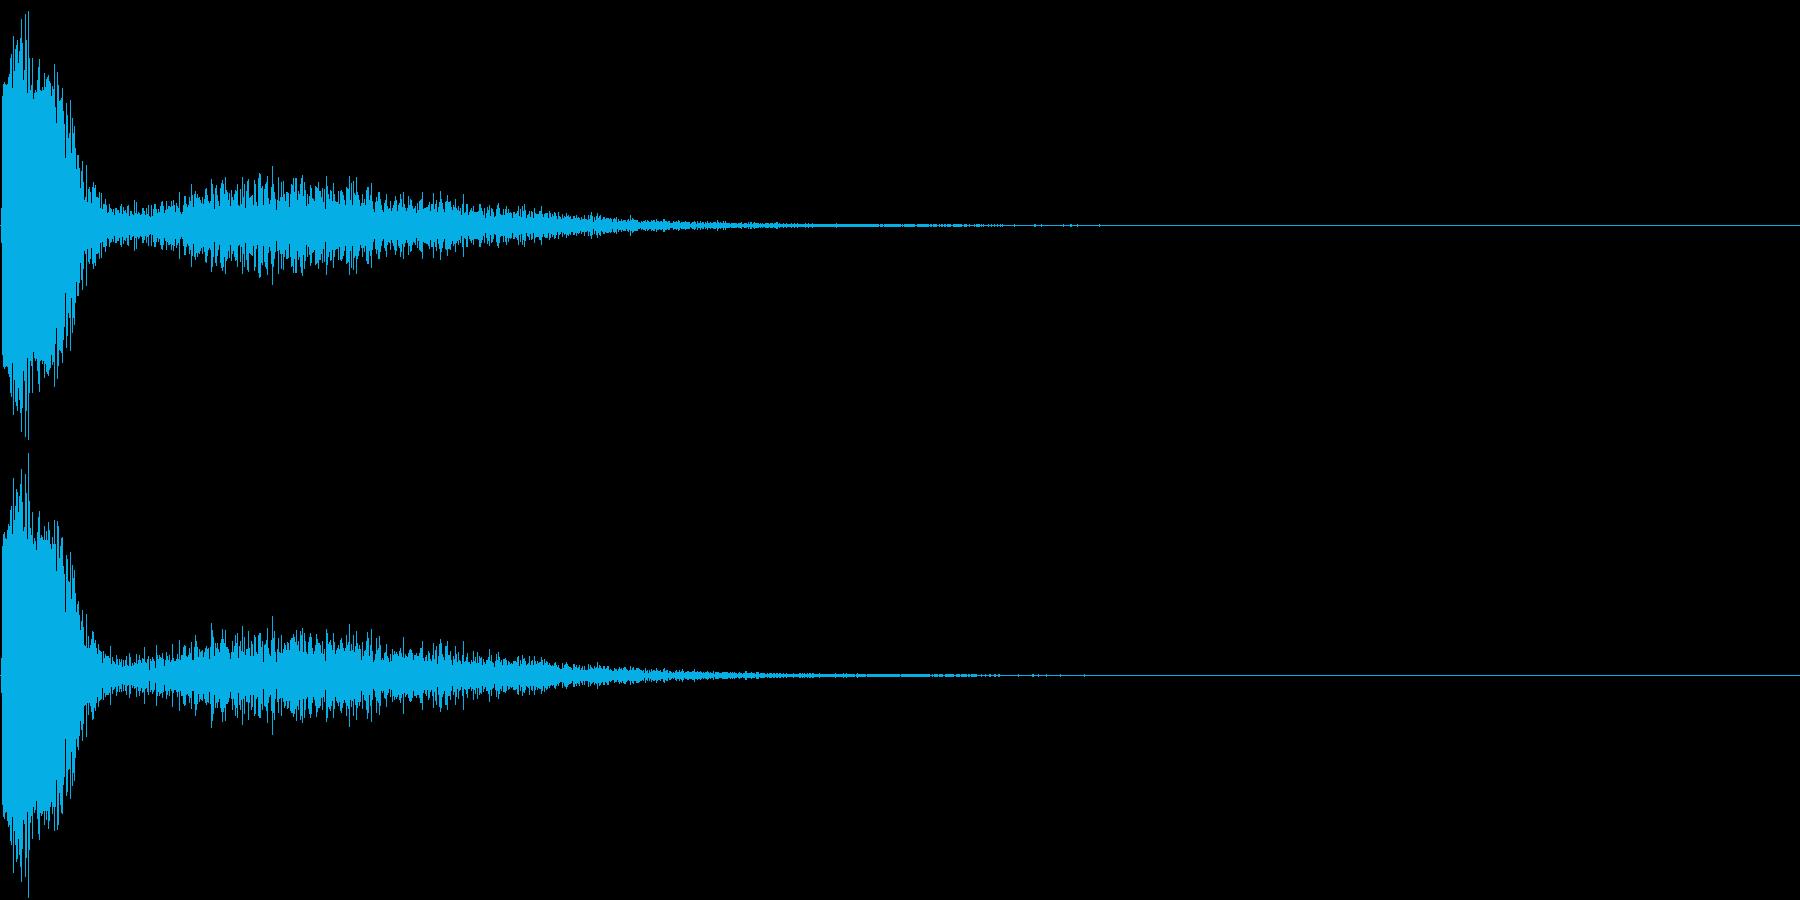 KAKUGE 格闘ゲーム戦闘音 67の再生済みの波形